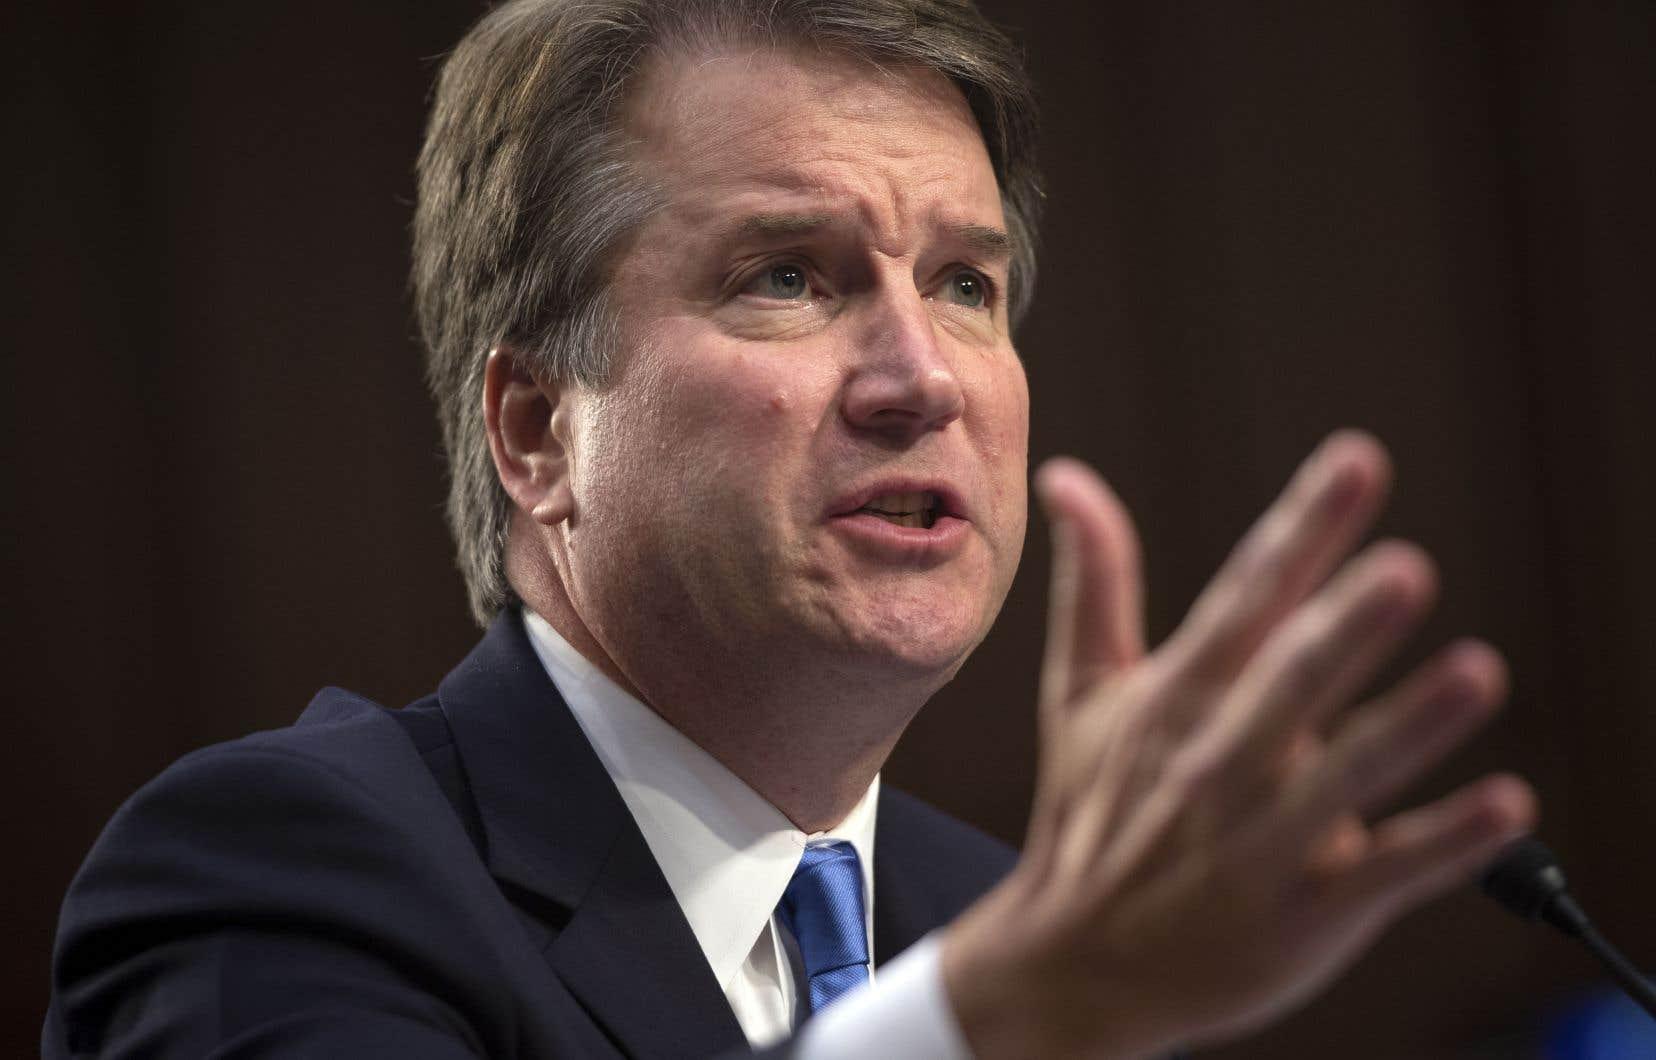 Le candidat du président Trump à la Cour suprême, Brett Kavanaugh